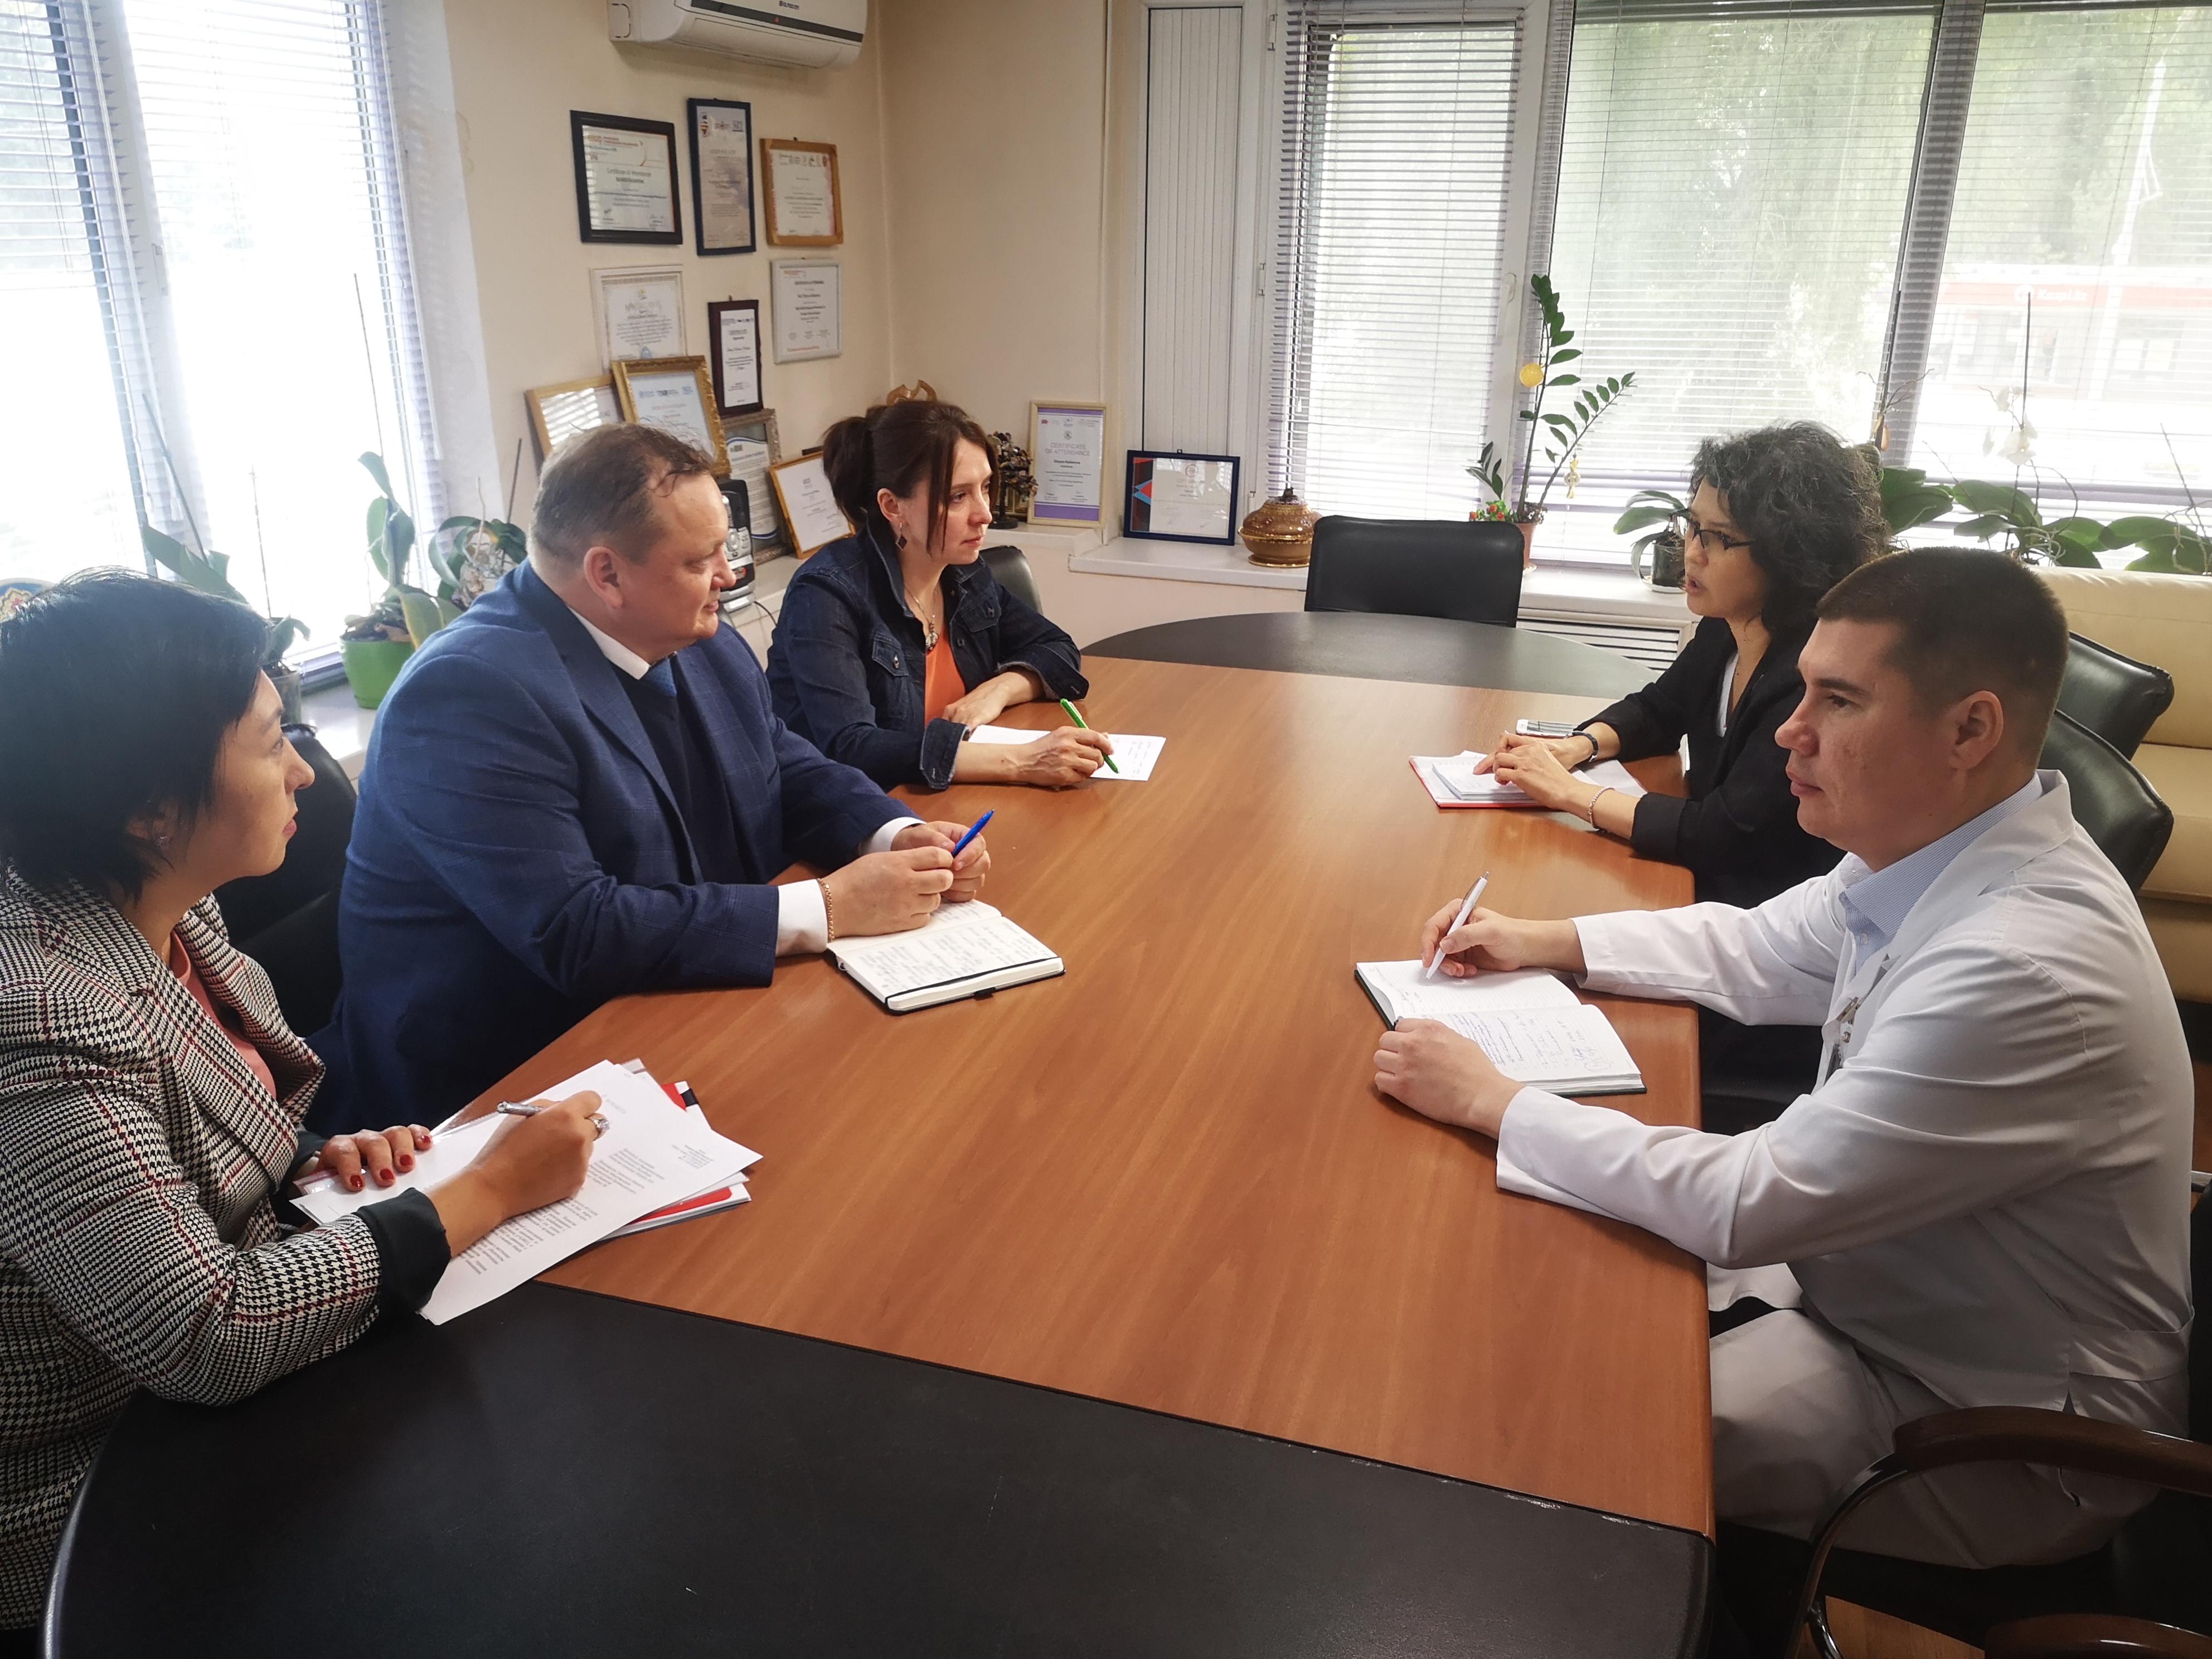 10 сентября 2019 г. на базе КазНИИ онкологии и радиологии состоялась встреча с представителями компании Novartis.